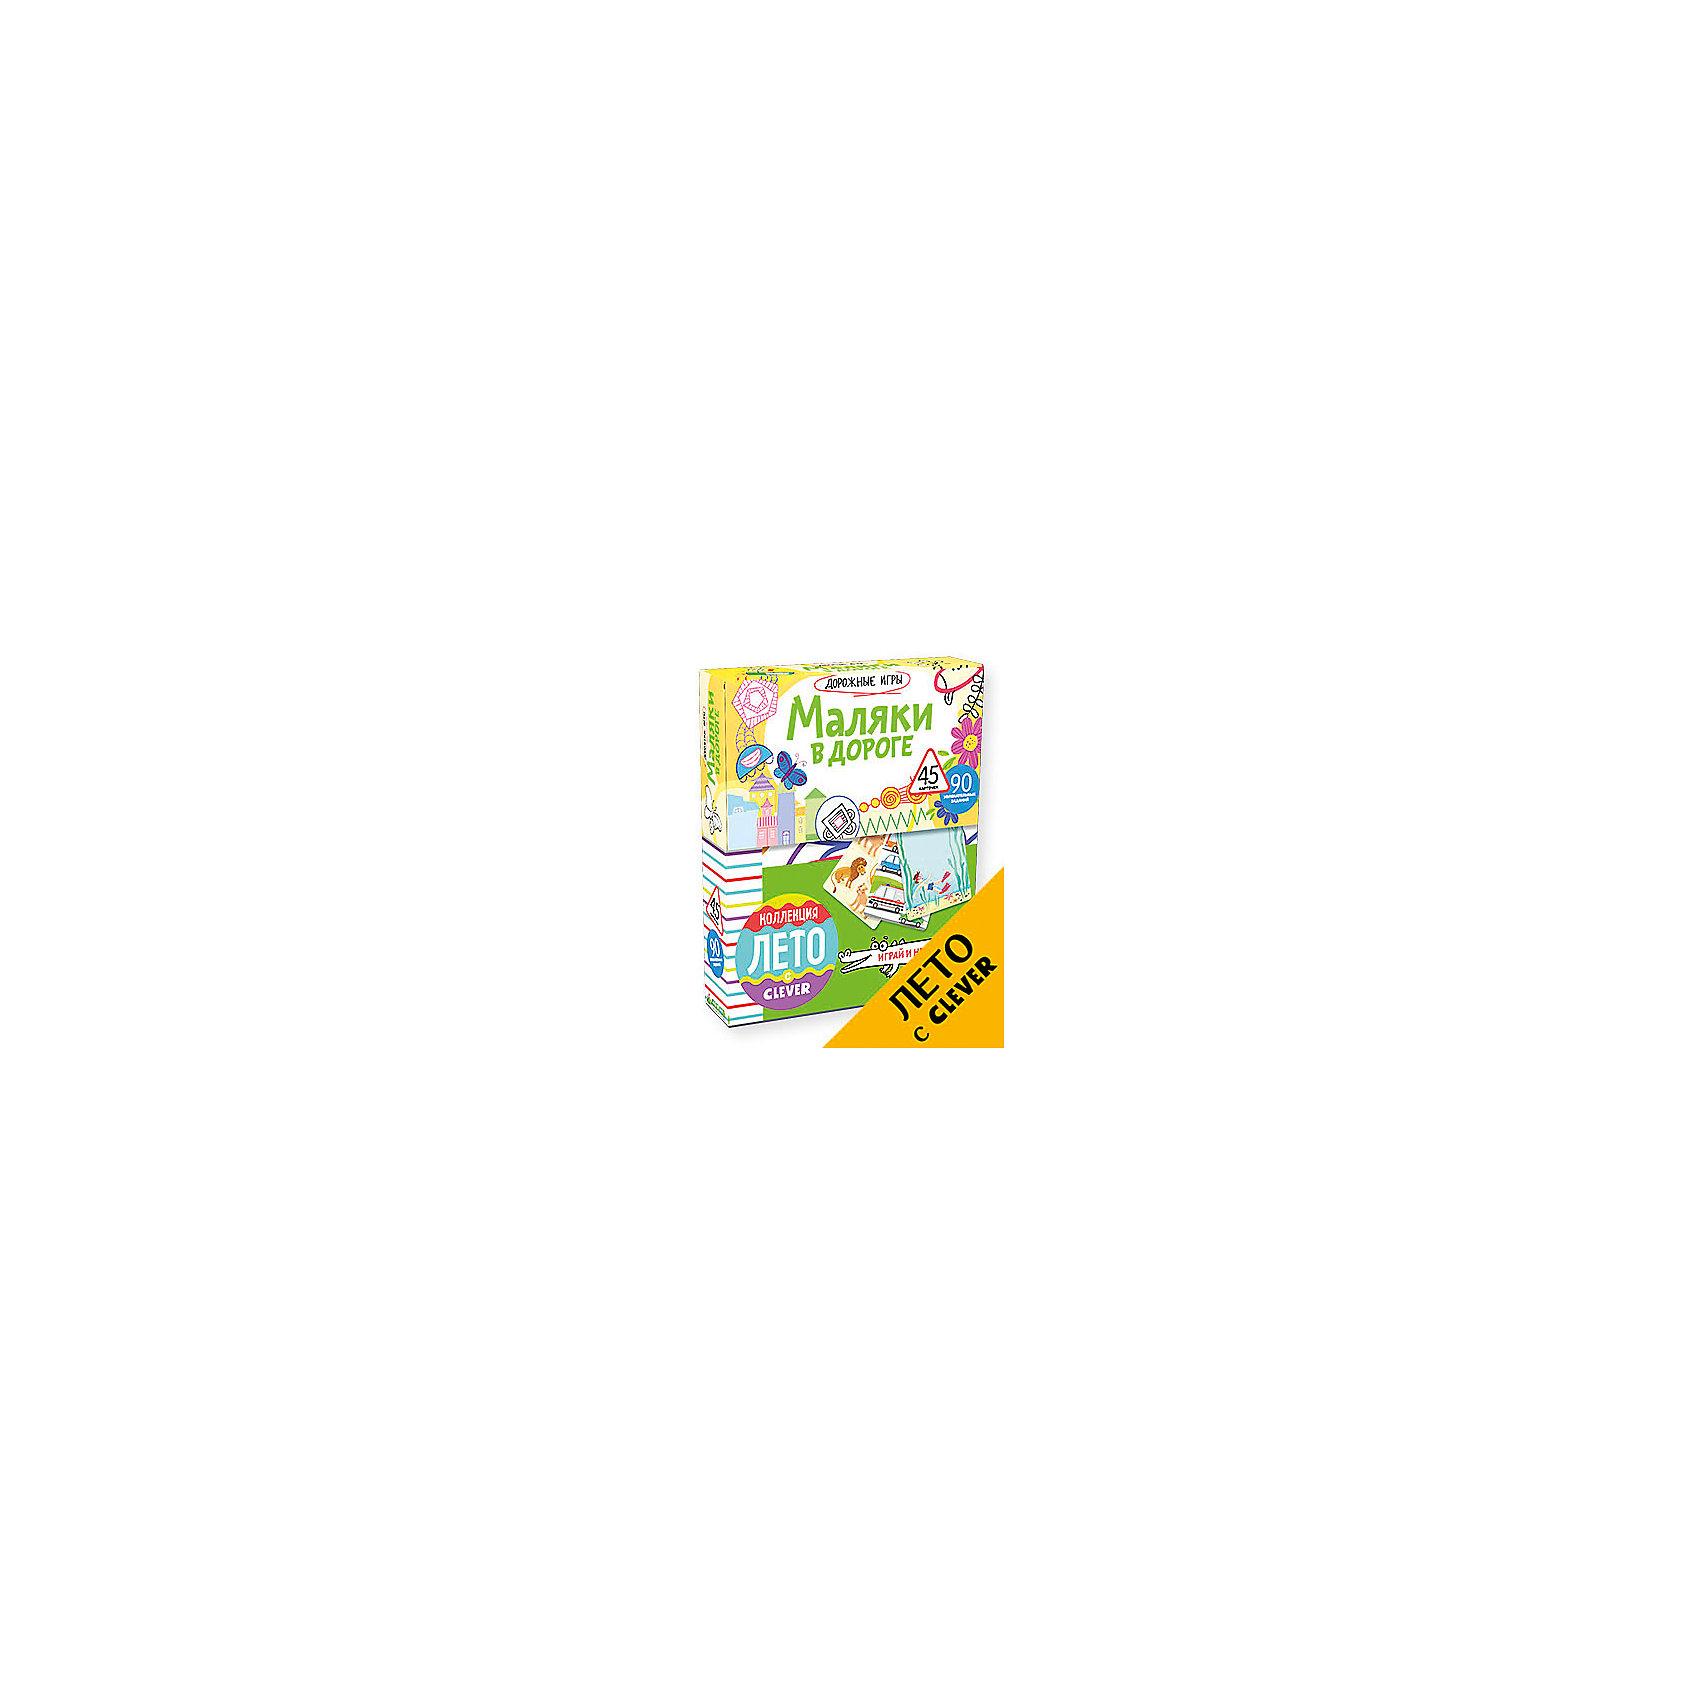 Маляки в дороге, CleverРаскраски по номерам<br>Характеристики товара:<br><br>• ISBN: 9785906929549;<br>• возраст: от 4 лет;<br>• формат: 70х100/32;<br>• бумага: картон;<br>• тип обложки: Box;<br>• оформление: текстильные и пластиковые вставки;<br>• иллюстрации: цветные;<br>• серия: Возьми с собой в дорогу;<br>• коллекция: Лето;<br>• издательство: Клевер Медиа Групп, 2017 г.;<br>• автор: Уткина Ольга;<br>• художник: Трущенкова Мария, Дружининская Анастасия, Шароватова Наталья;<br>• количество страниц: 90;<br>• размеры: 16,5х12,8х2,8 см;<br>• масса: 284 г.<br><br>Сборник задачек «Маляки в дороге» подходит для мальчиков и девочек от 4 лет. Внутри плотной коробки находятся 45 карточек и 90  заданий. Забавные калякалки-малякалки, рисовалки, находилки, бродилки, лабиринты и другие веселые задания надолго увлекут малышей. <br><br>Интересные задания развивают фантазию, воображение и креативность.<br><br>Набор удобно брать с собой на отдых и в дорогу.<br><br>Книгу «Маляки в дороге», Клевер Медиа Групп, Уткина Ольга, можно купить в нашем интернет-магазине.<br><br>Ширина мм: 145<br>Глубина мм: 115<br>Высота мм: 200<br>Вес г: 290<br>Возраст от месяцев: 48<br>Возраст до месяцев: 84<br>Пол: Унисекс<br>Возраст: Детский<br>SKU: 6709196